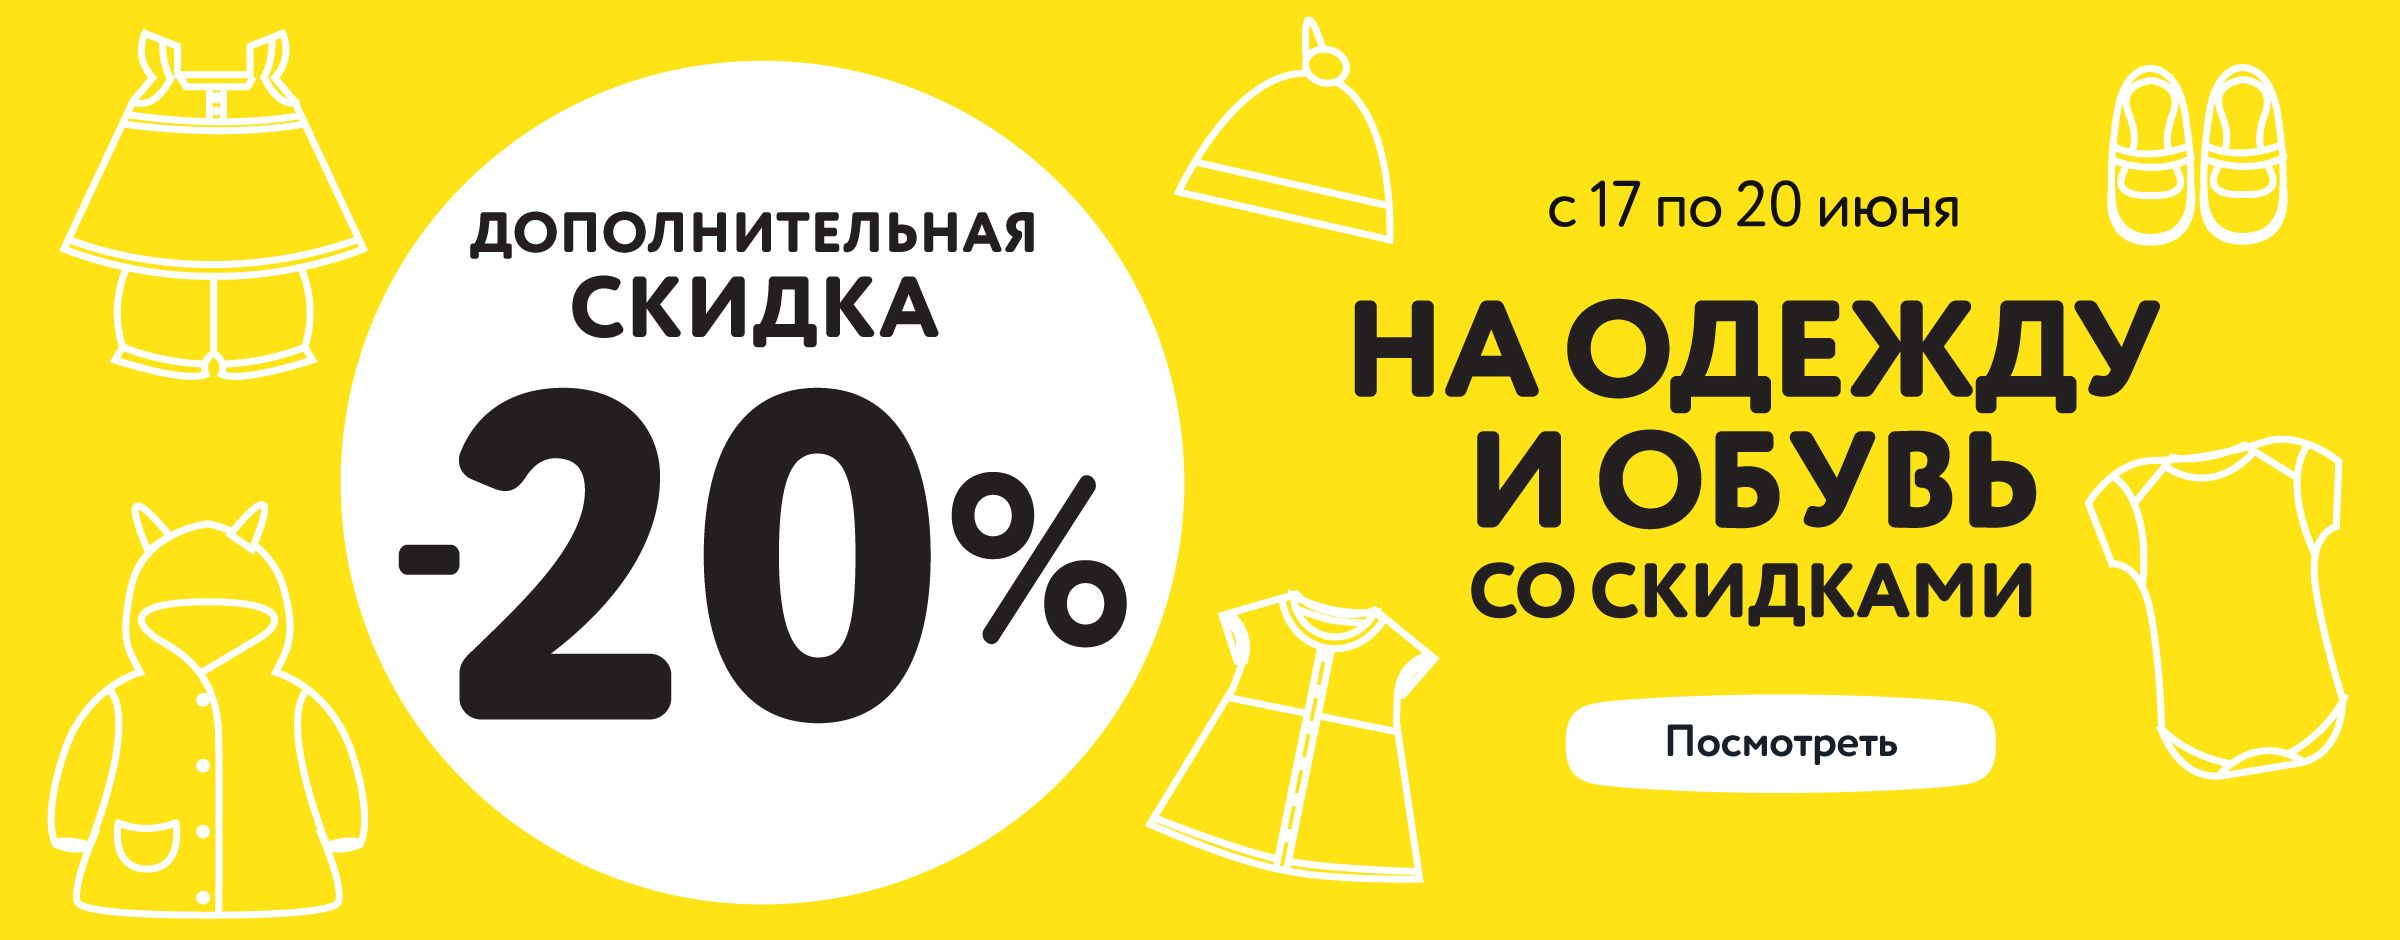 Доп. скидка 20% на широкий ассортимент ОиО со скидками